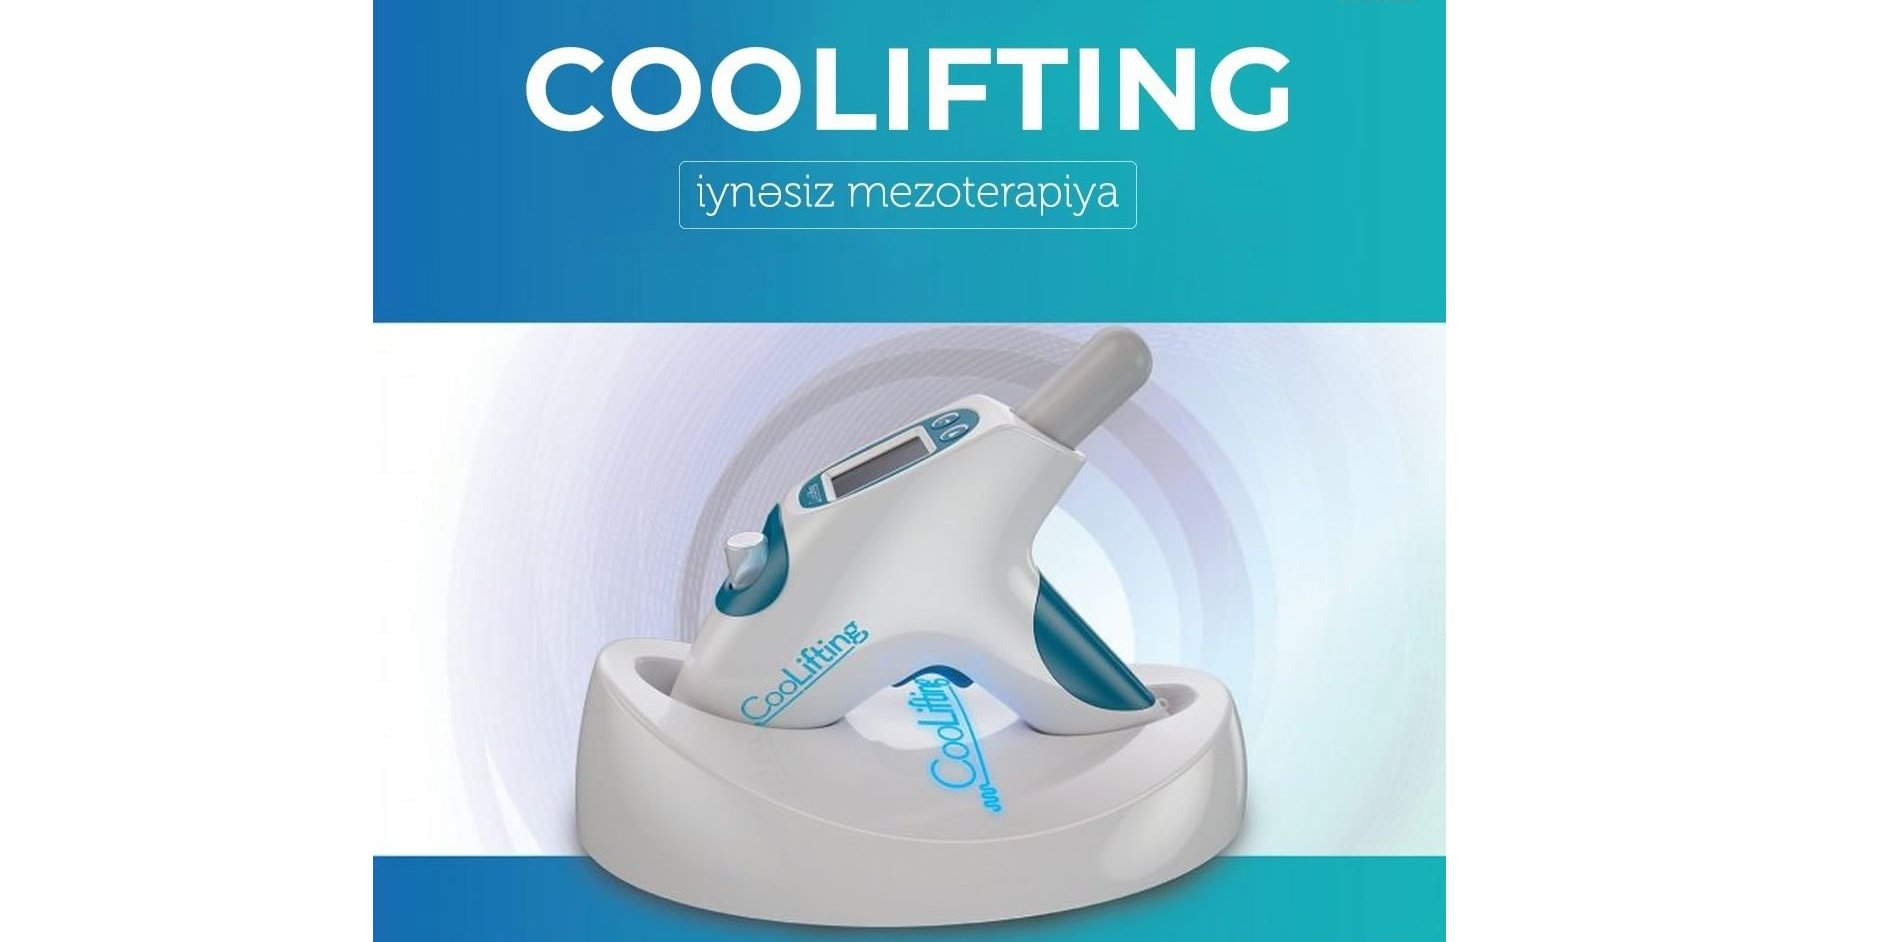 Coolifting nədir?